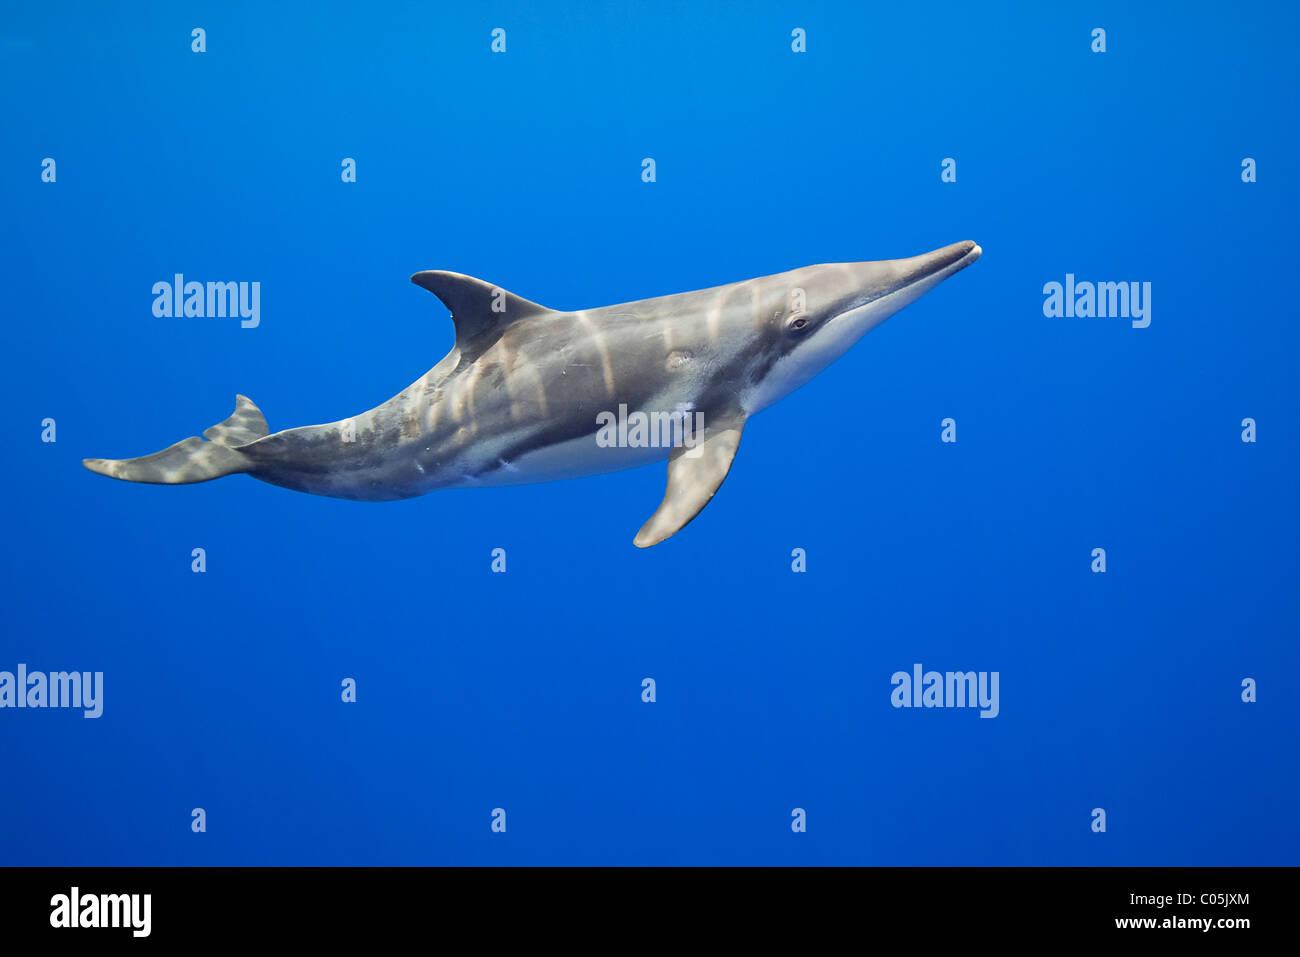 Dientes ásperos, Steno bredanensis delfín, costa de Kona, Big Island, Hawaii, EEUU, Océano Pacífico Foto de stock